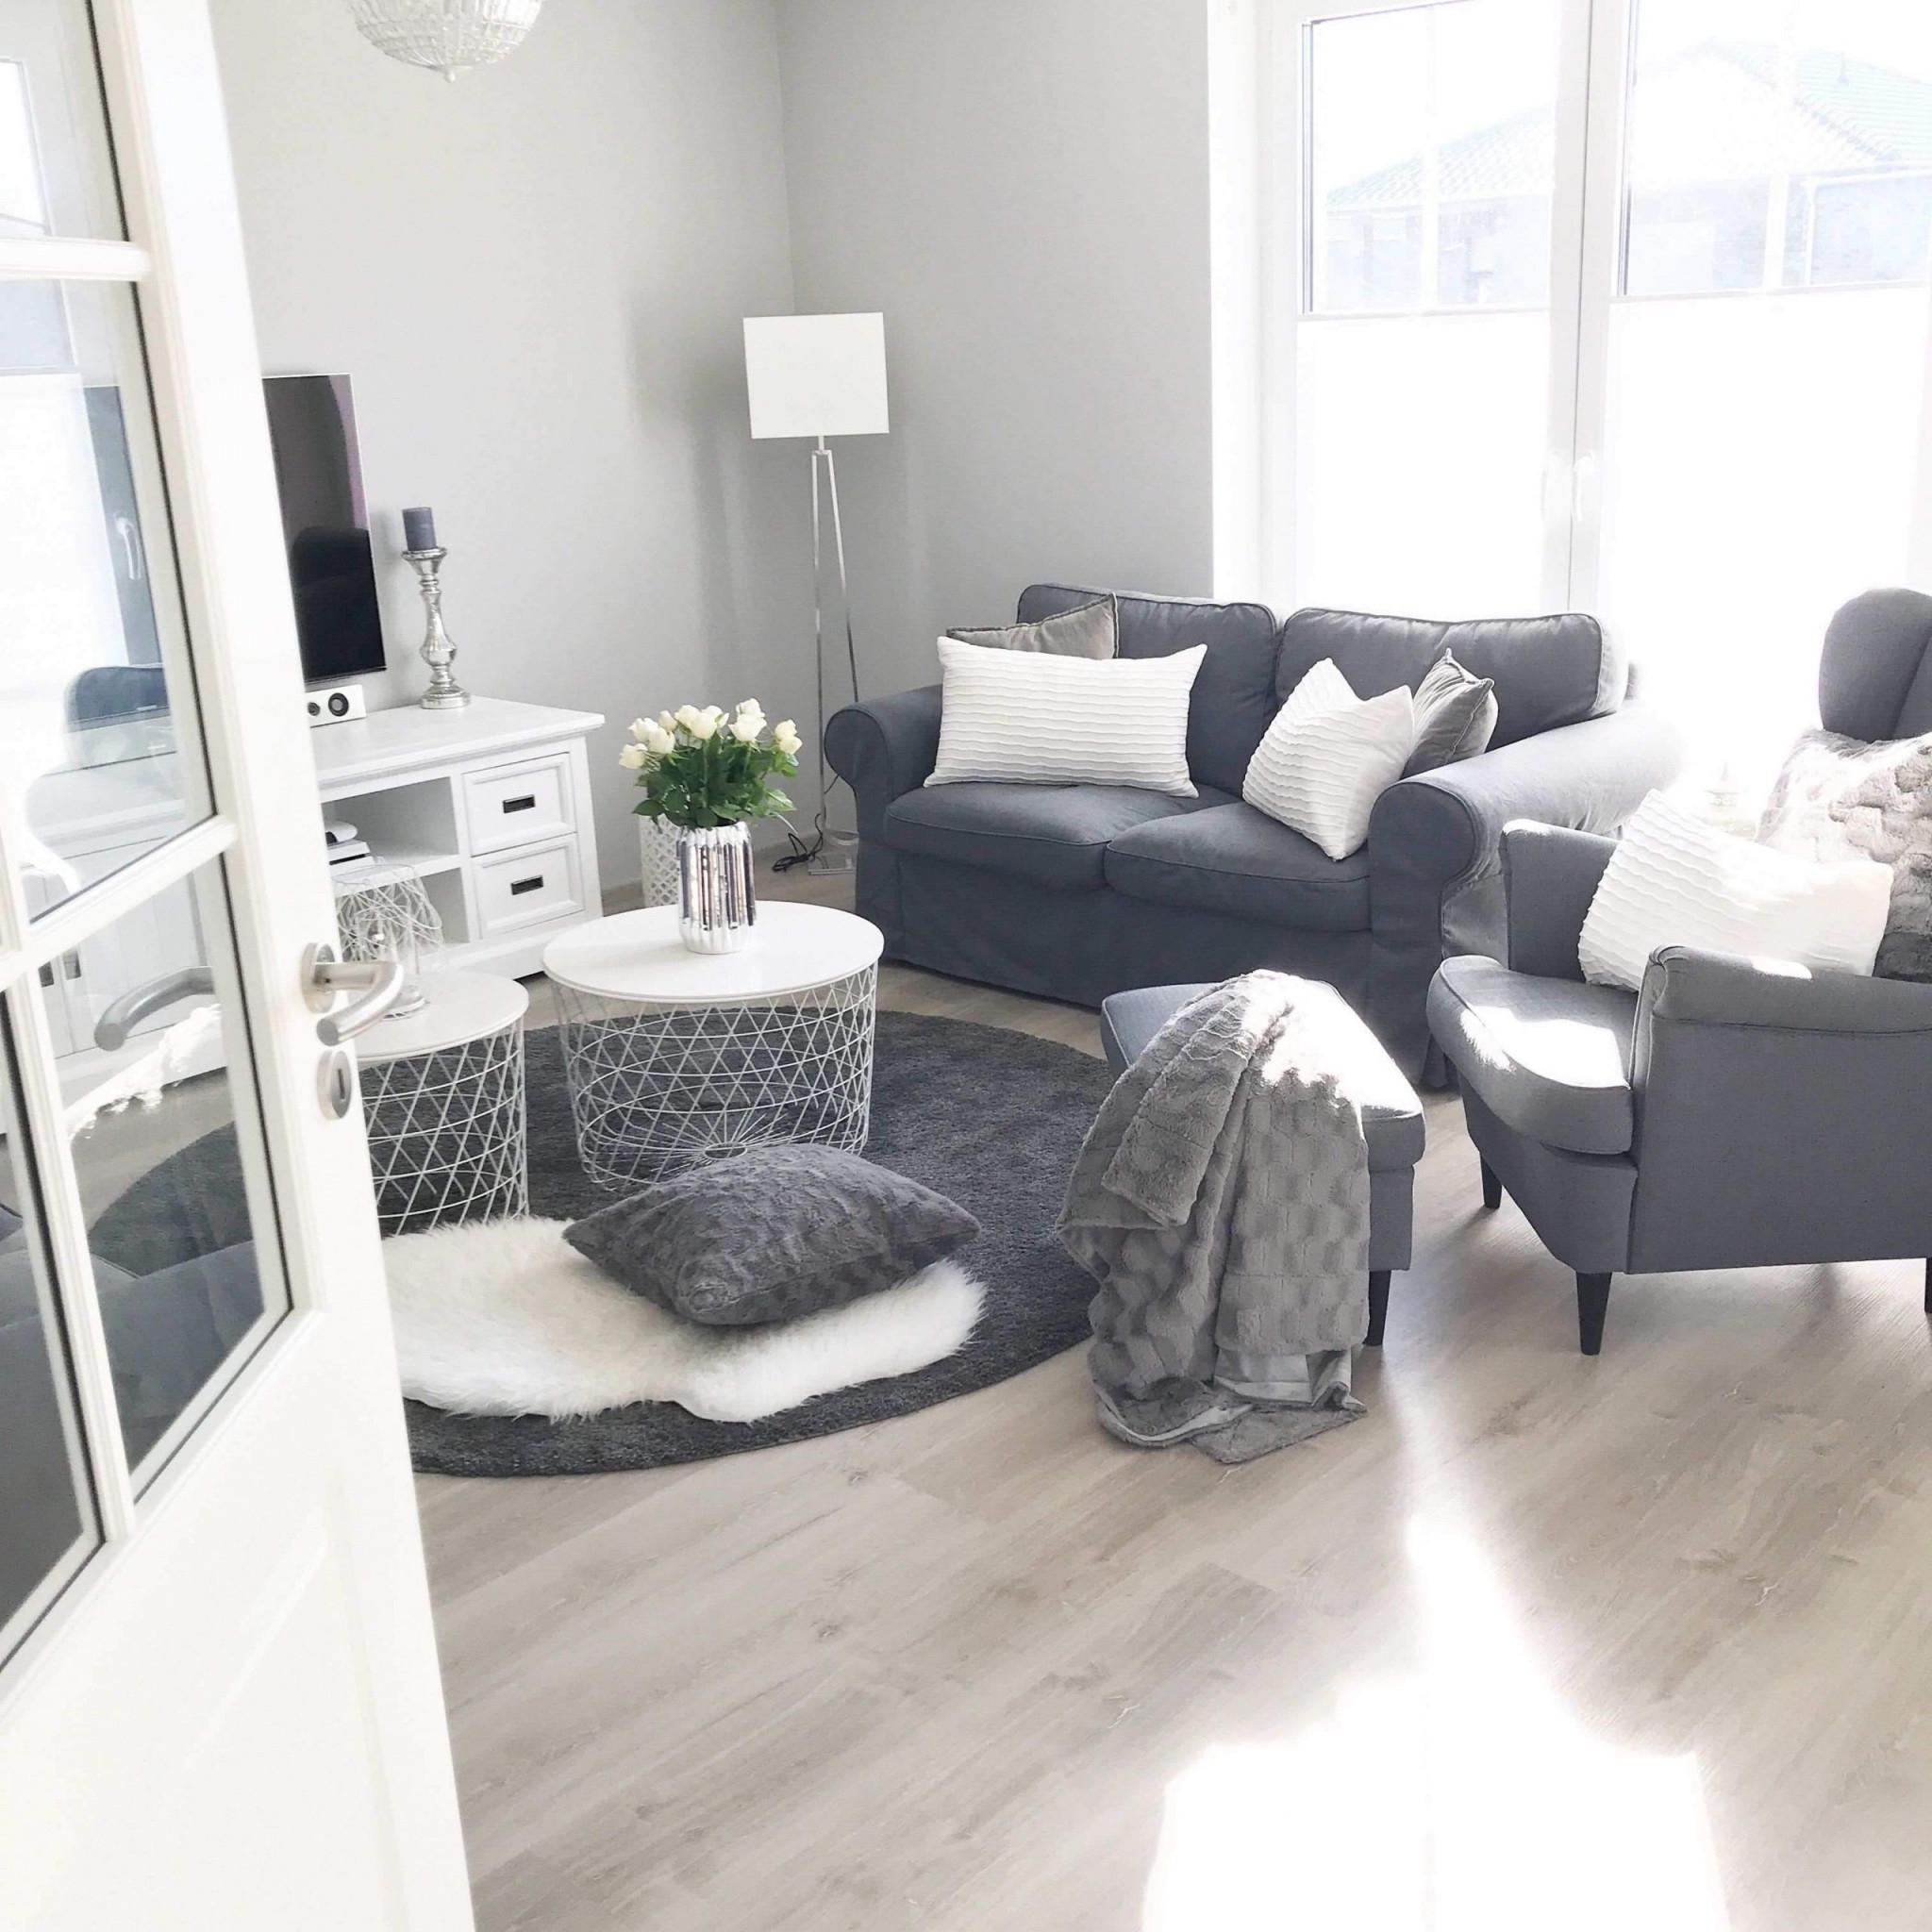 34 Genial Moderner Landhausstil Wohnzimmer Luxus von Wohnzimmer Im Landhausstil Einrichten Bild